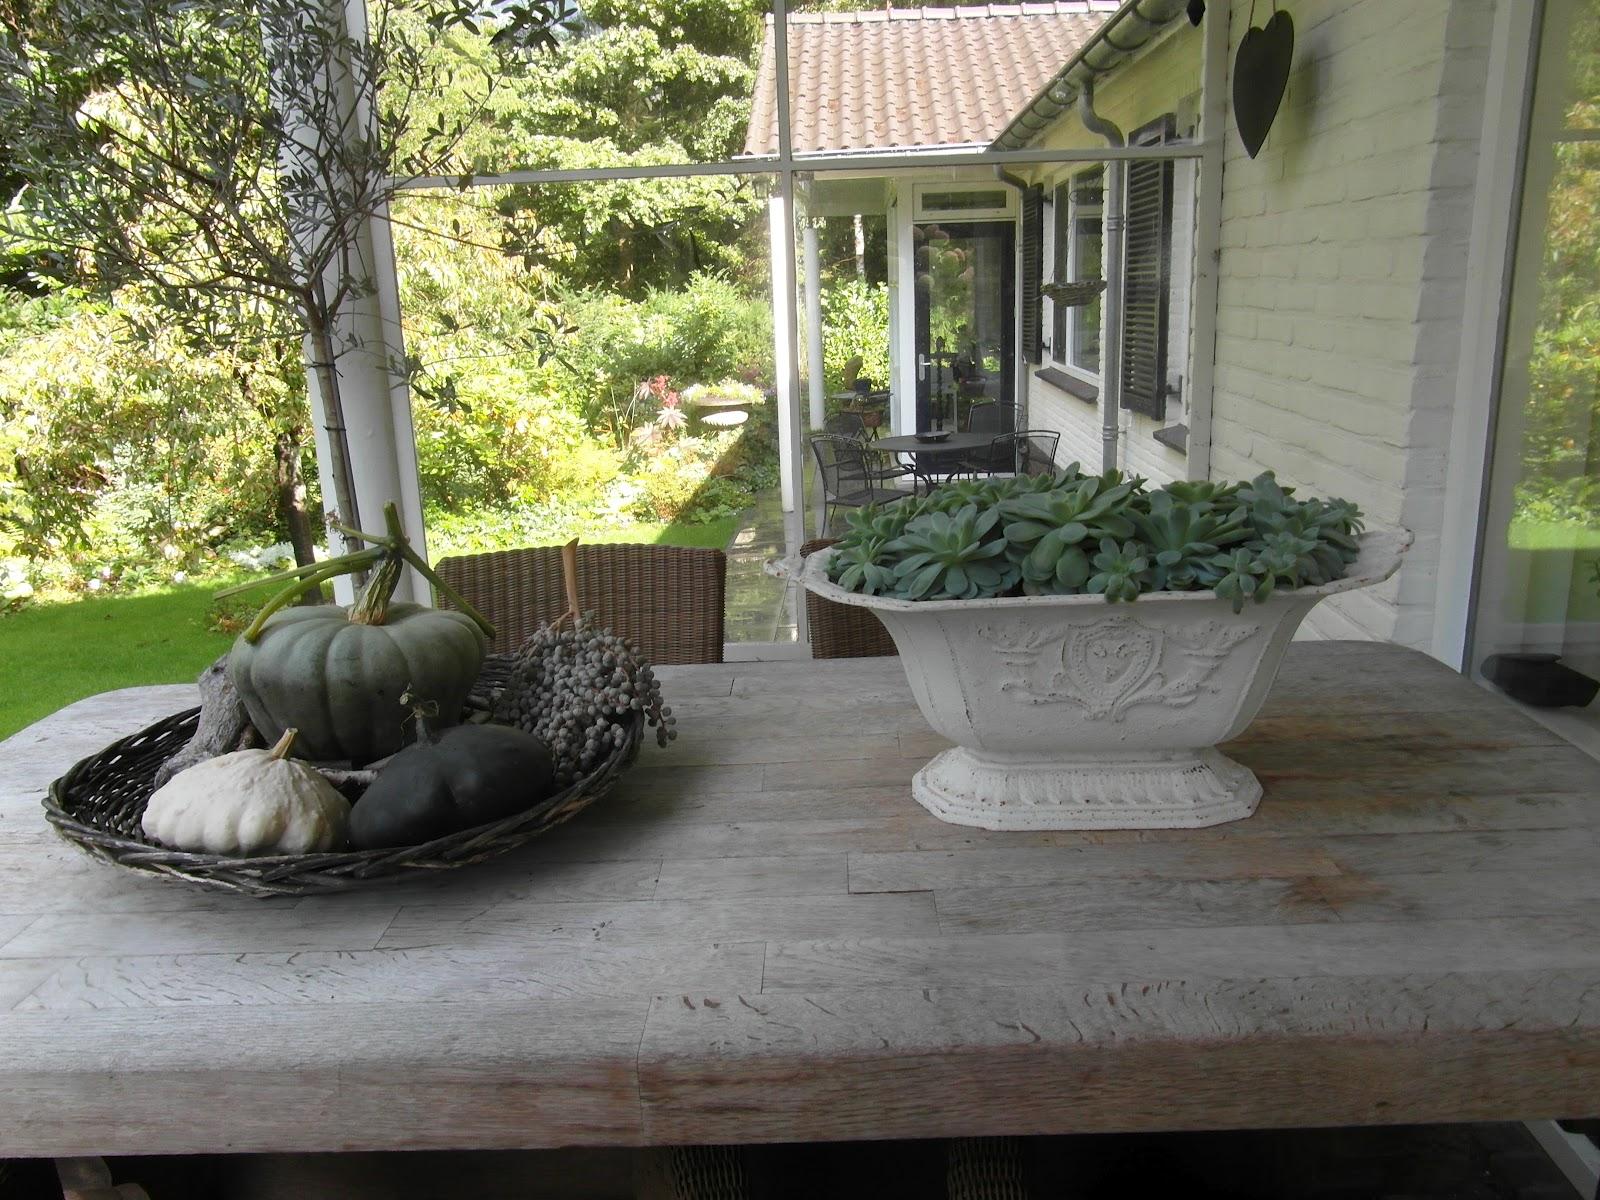 Jannysblog herfst op het terras - Decoratie binnen veranda ...